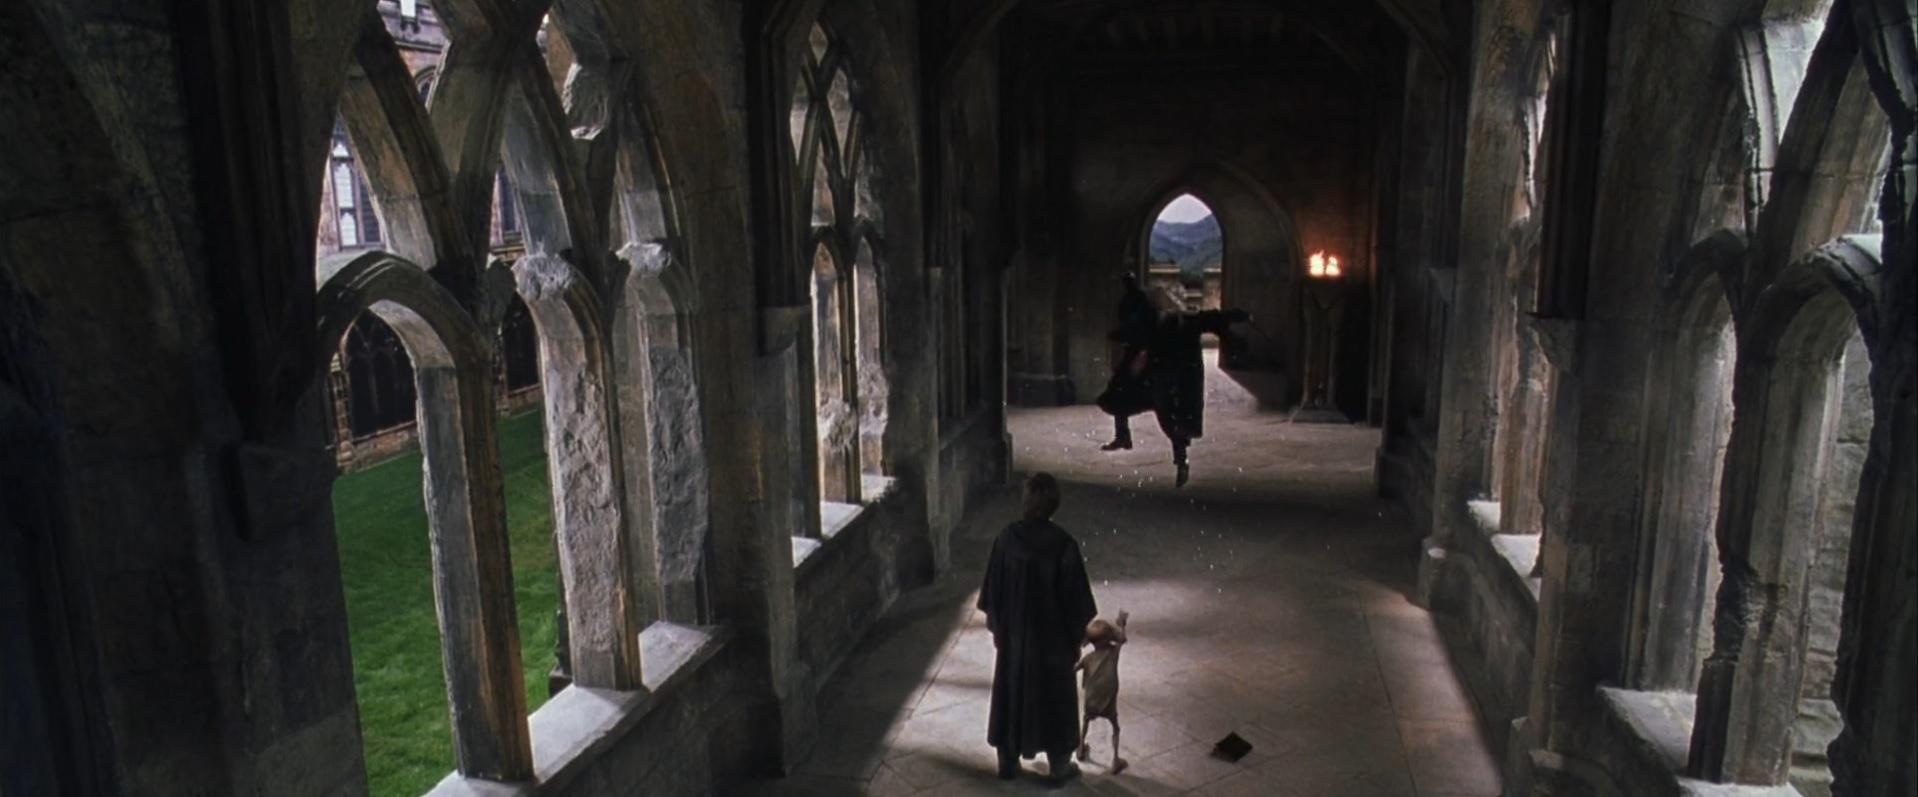 Couloir 5.jpg